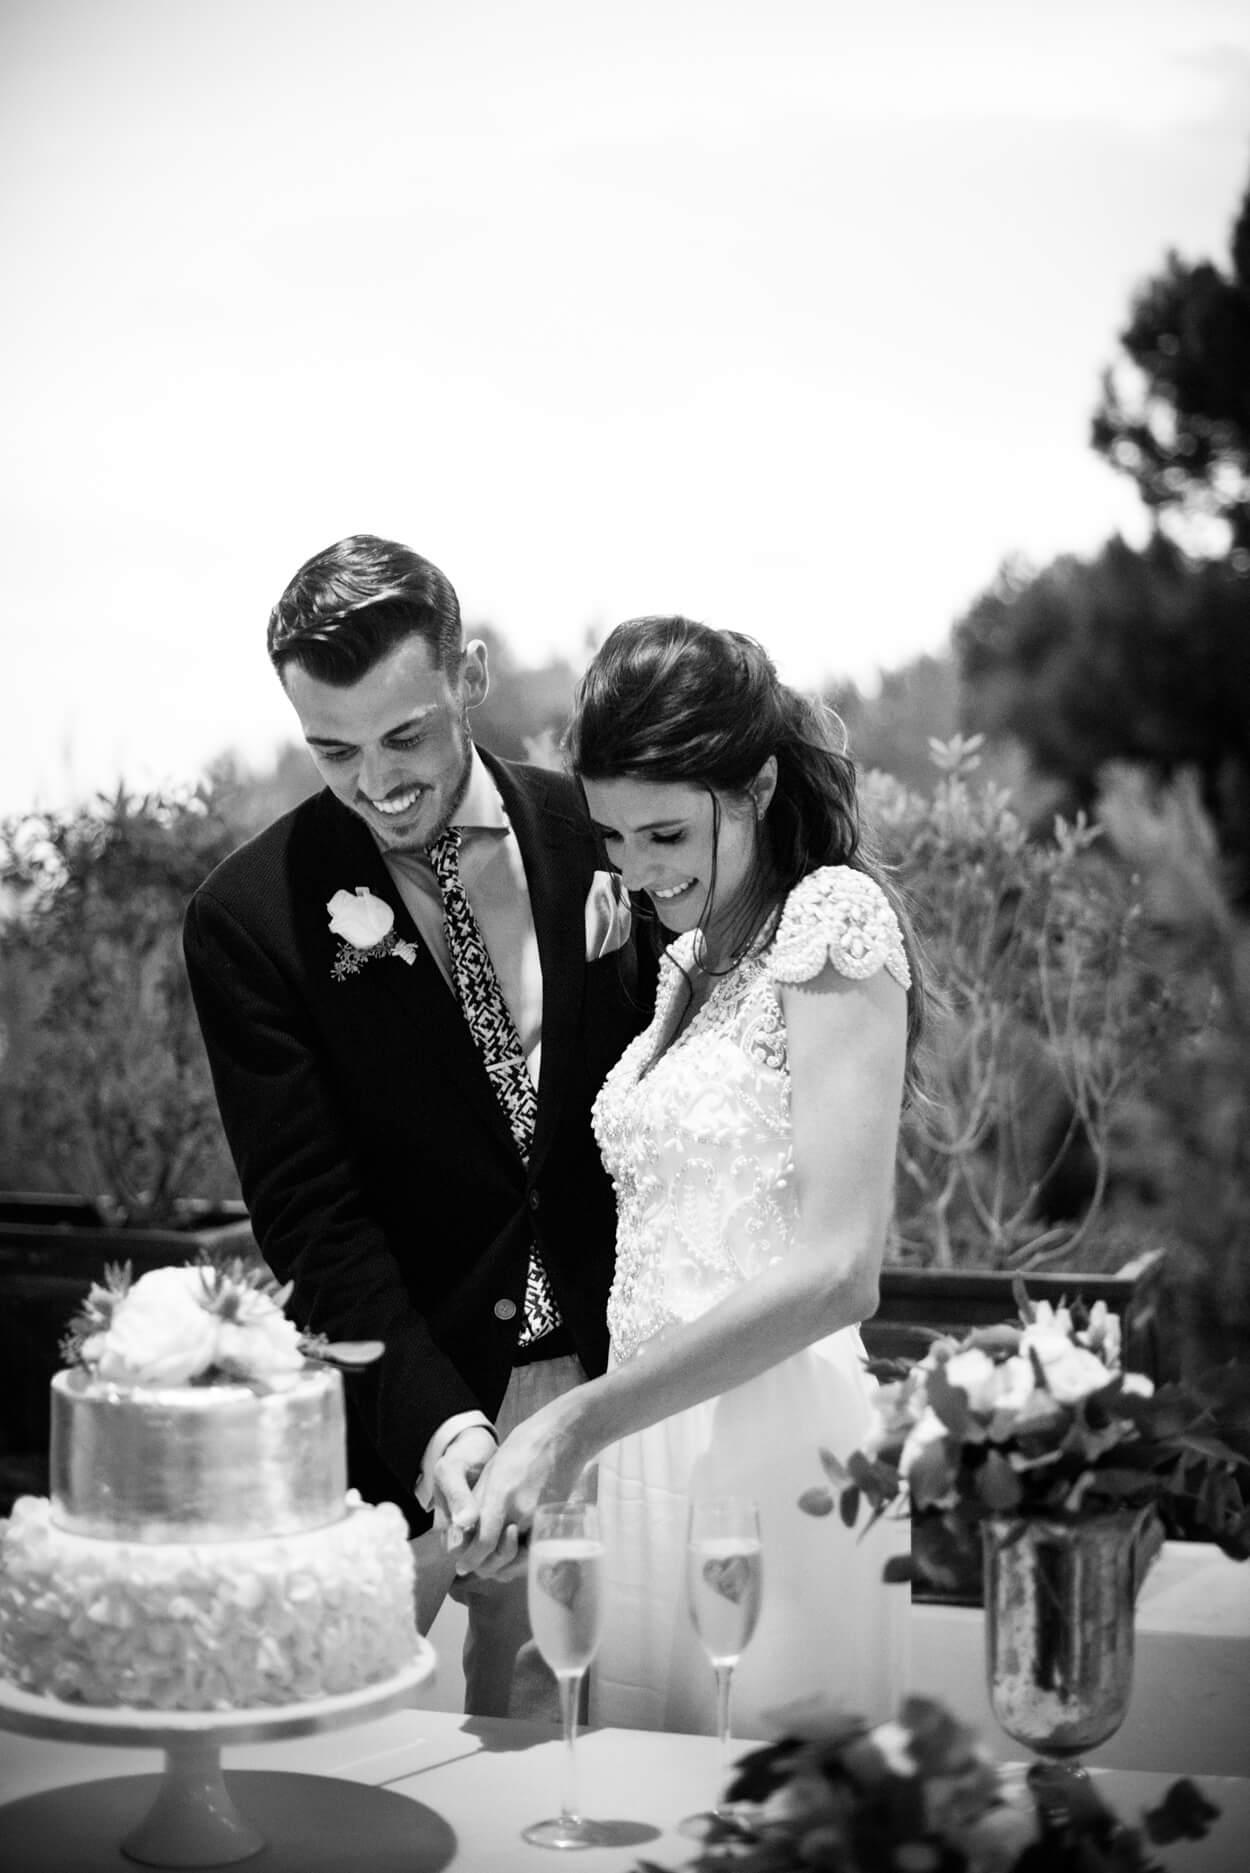 bride groom sliver wedding cake cutting dusk light sunset venue